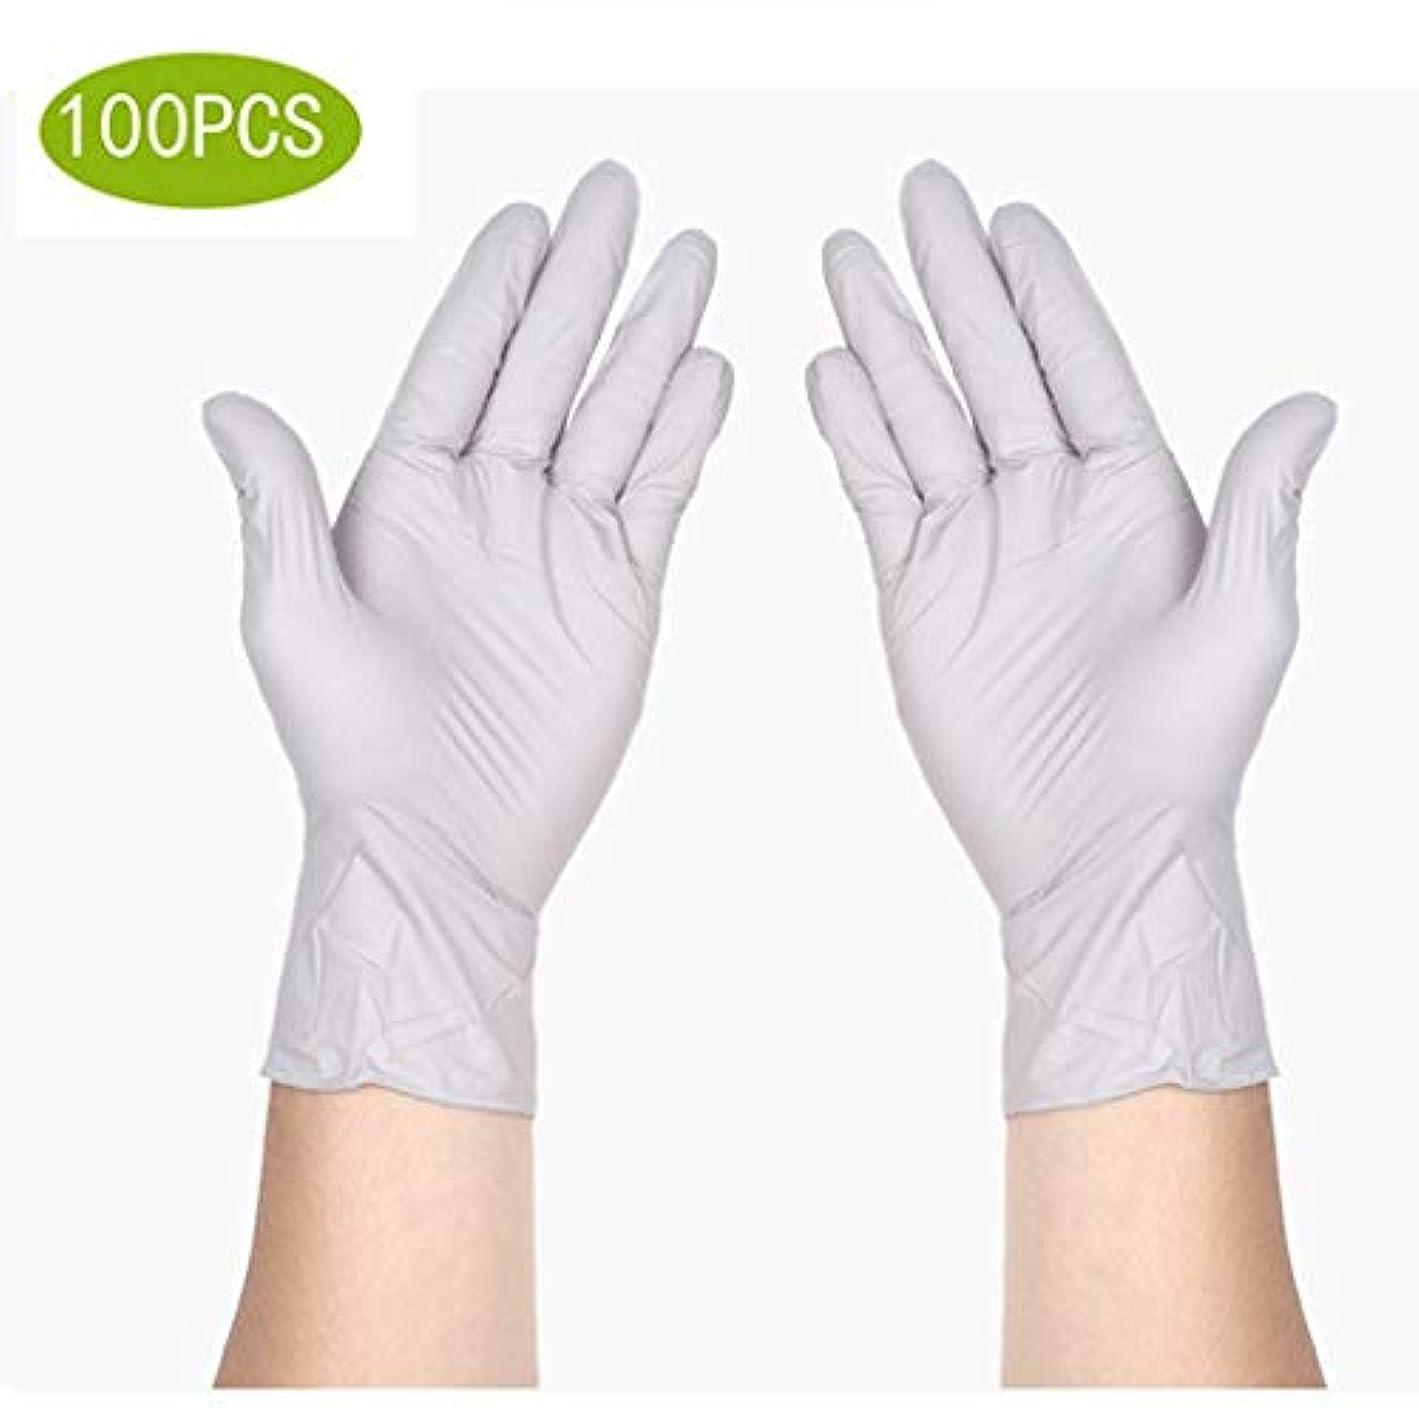 意気込み罪人補償サニタリー手袋ニトリル医療グレード試験用手袋、使い捨て、ラテックスフリー、100カウント滅菌使い捨て安全手袋 (Size : L)